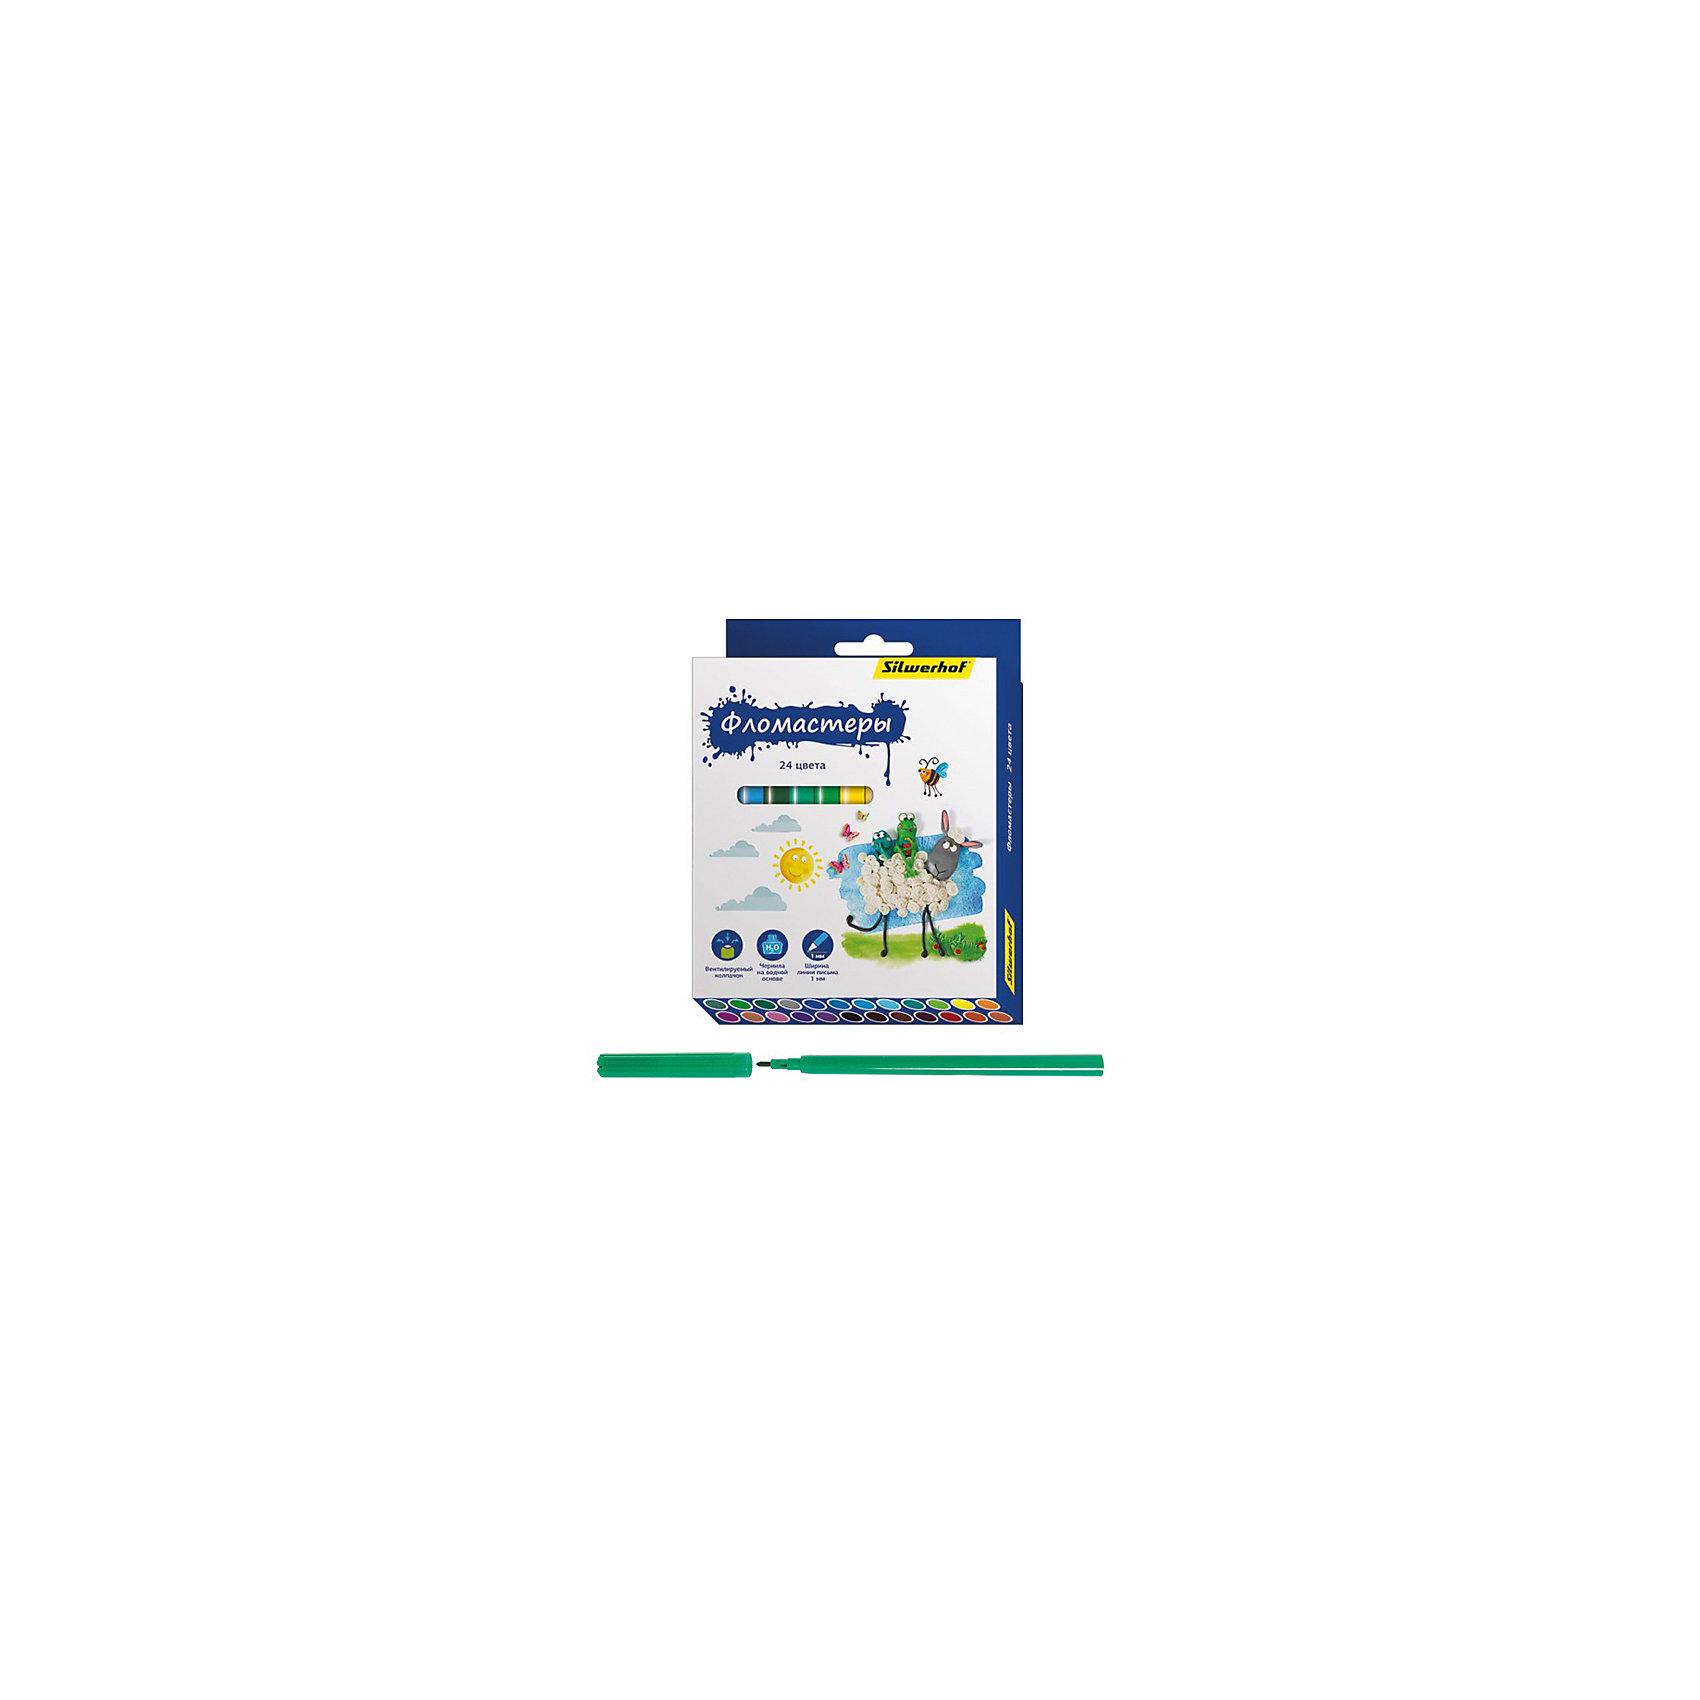 Фломастеры, 24цв, ПЛАСТИЛИНОВАЯ КОЛЛЕКЦИЯФломастеры, 24цв., ПЛАСТИЛИНОВАЯ КОЛЛЕКЦИЯ, вентилируемый колпачок, круглые, d=8мм, L=129мм, PP-корпус, картонная упаковка с европодвесом арт.867199-24 ед.изм.Набор<br><br>Ширина мм: 155<br>Глубина мм: 115<br>Высота мм: 15<br>Вес г: 130<br>Возраст от месяцев: 36<br>Возраст до месяцев: 144<br>Пол: Унисекс<br>Возраст: Детский<br>SKU: 5020512